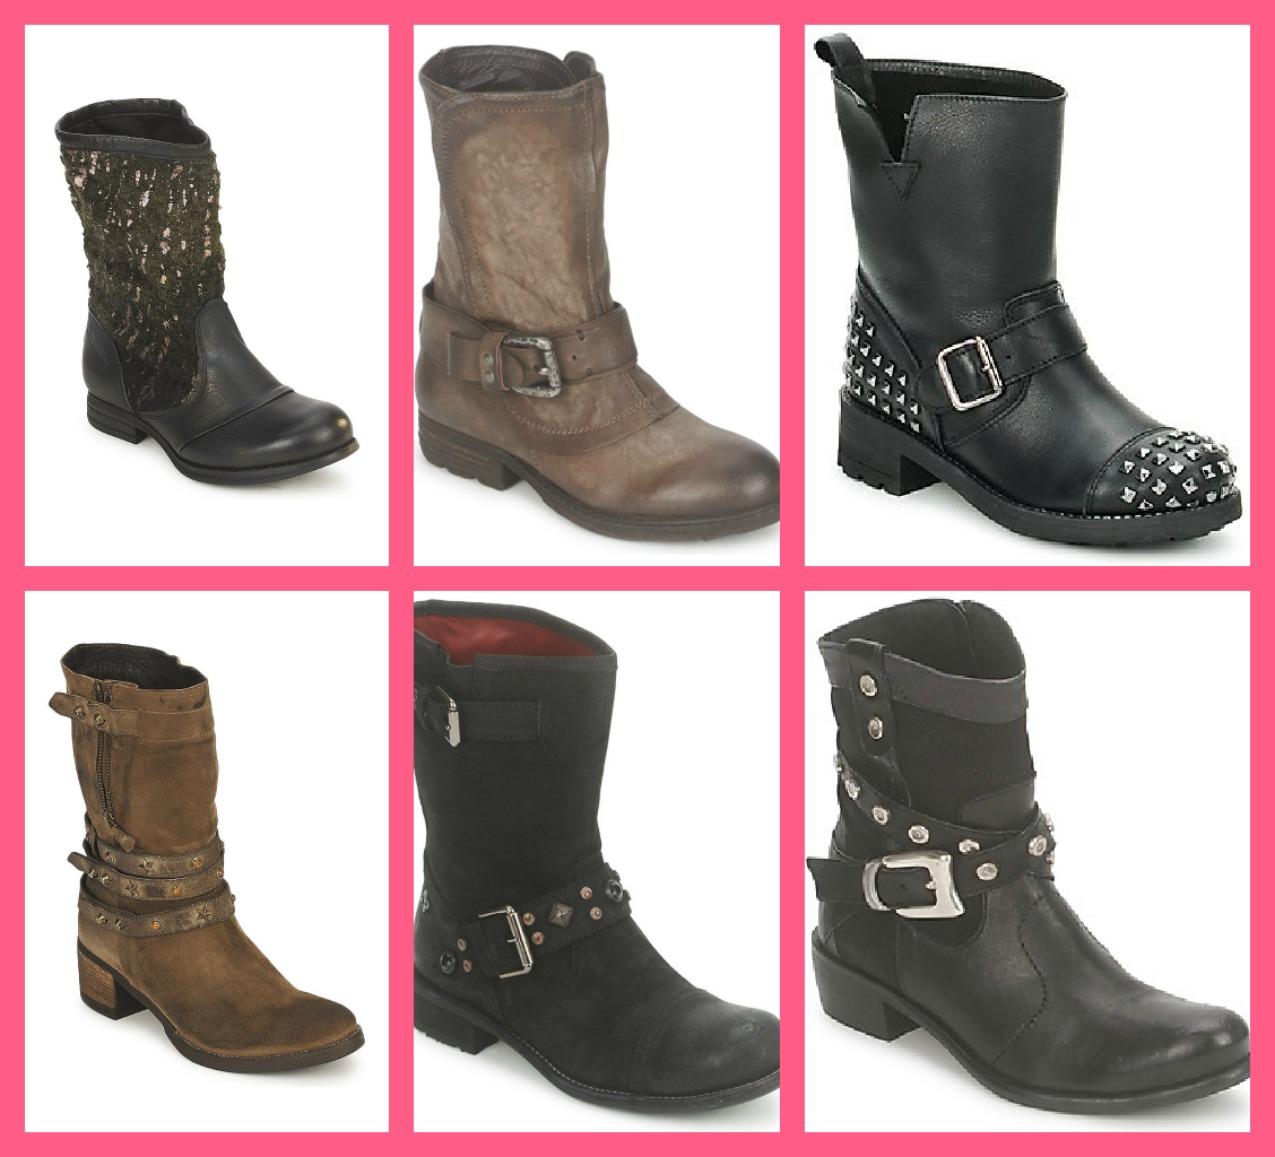 alessia milanese,thechilicool,fashion blog, fashion blogger, biker boots femminilità mai banale, spartoo